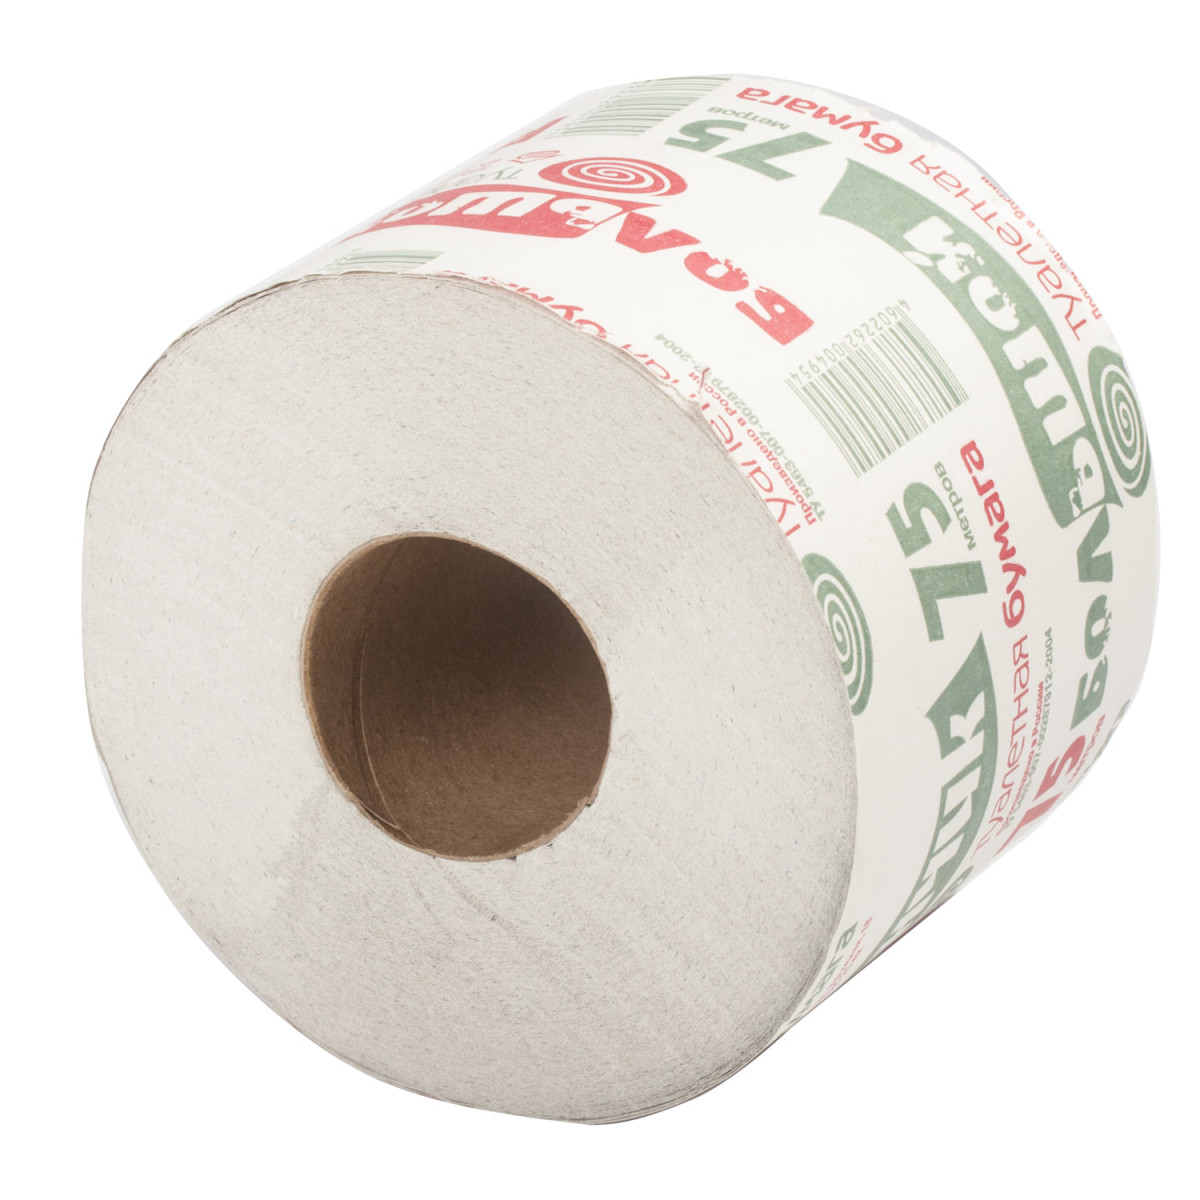 """Бумага туалетная бытовая 75 м, на втулке (эконом), """"Рулончик большой"""" ВЫВОДИТСЯ, ЗАМЕНА -> 113357"""